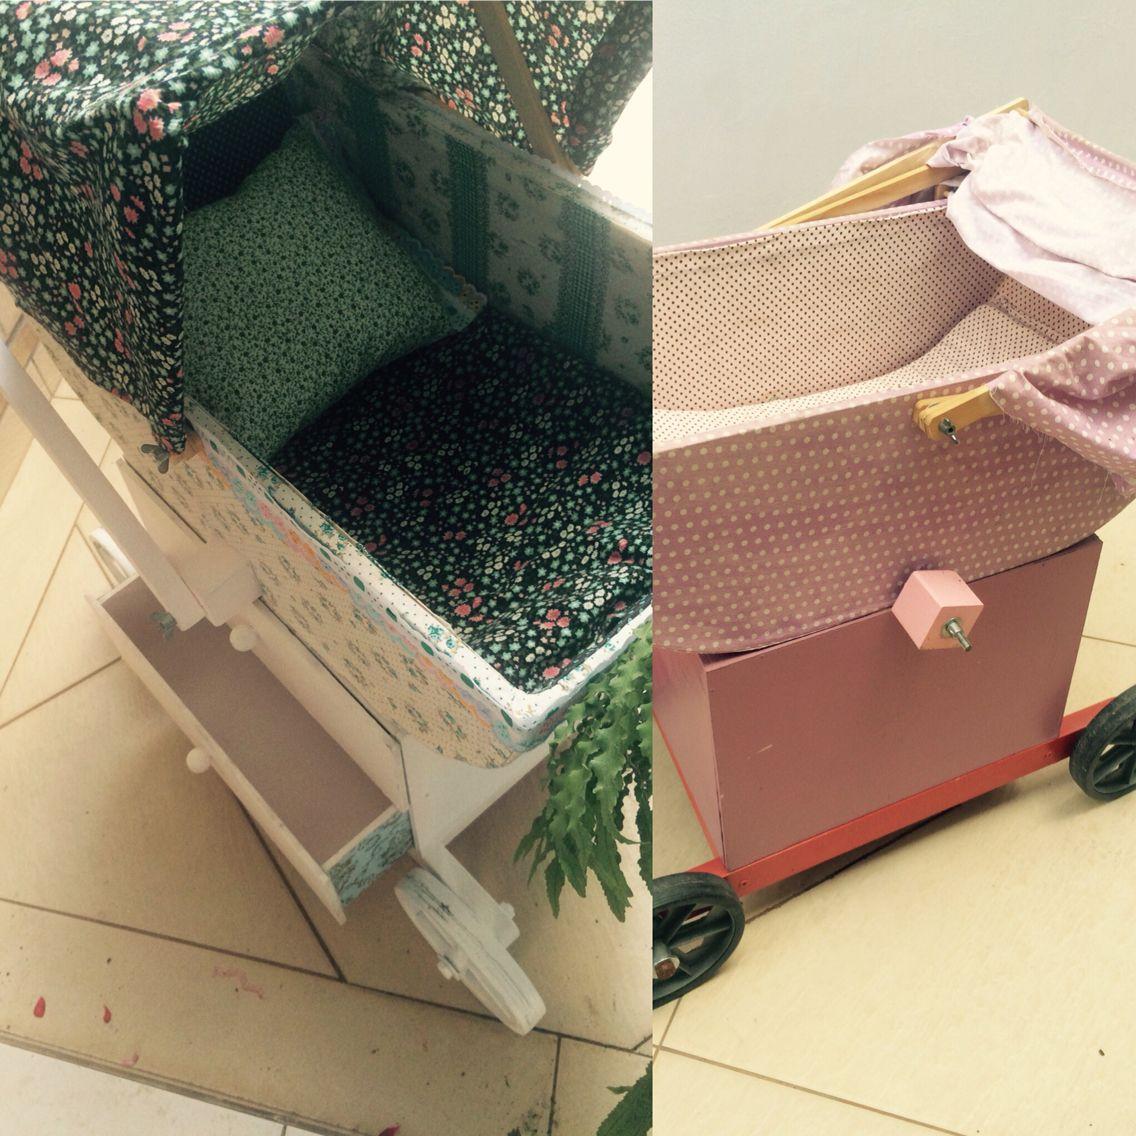 Reforma carrinho de boneca: cola, tecido, tinta e muita paciência